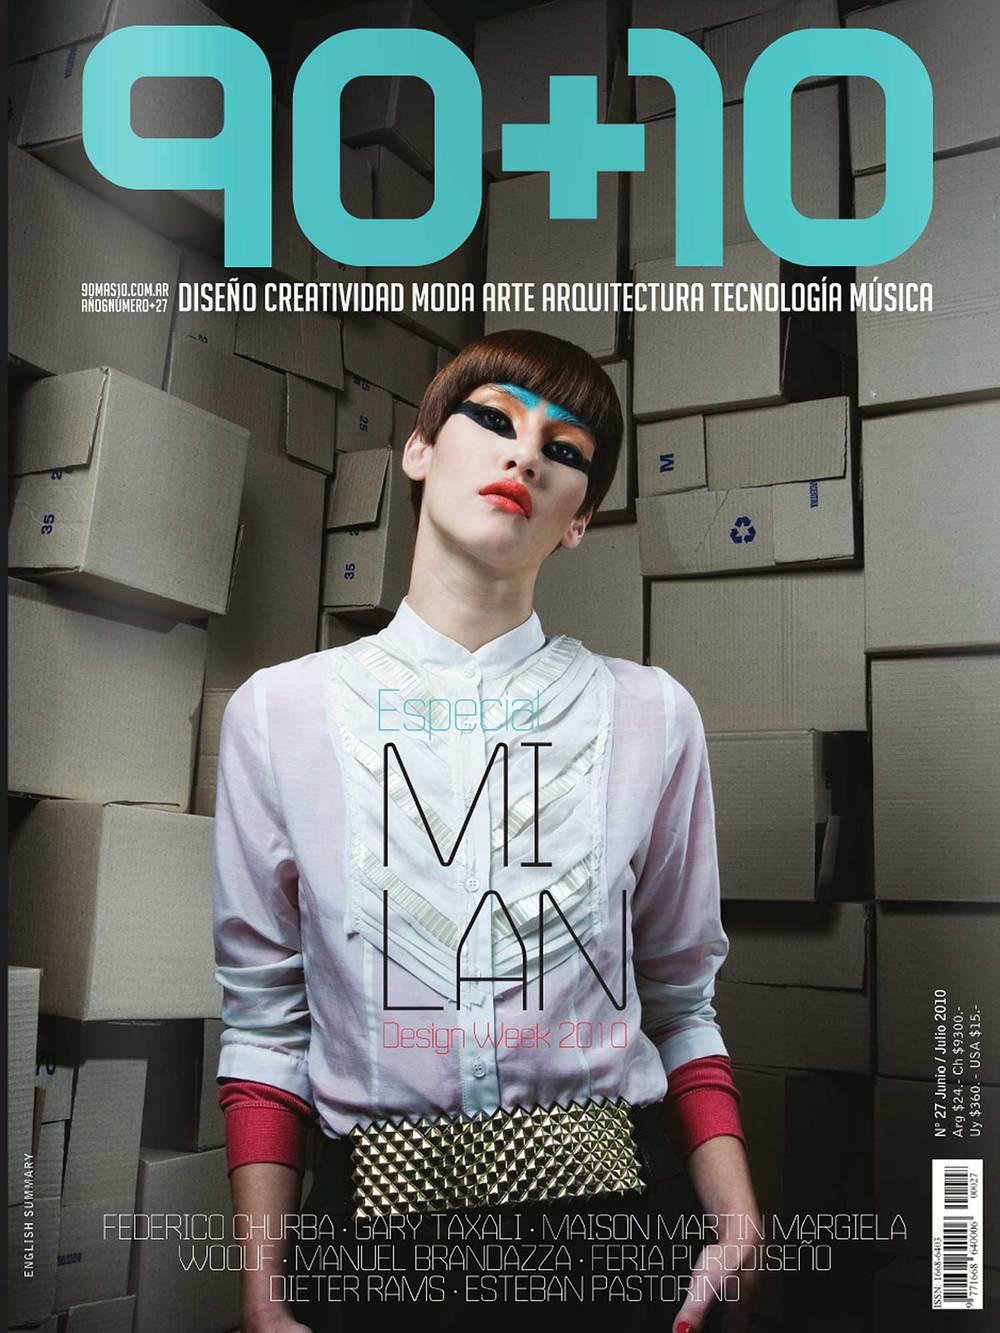 2010-90+10-27-MilanDesignWeek-cover.jpg